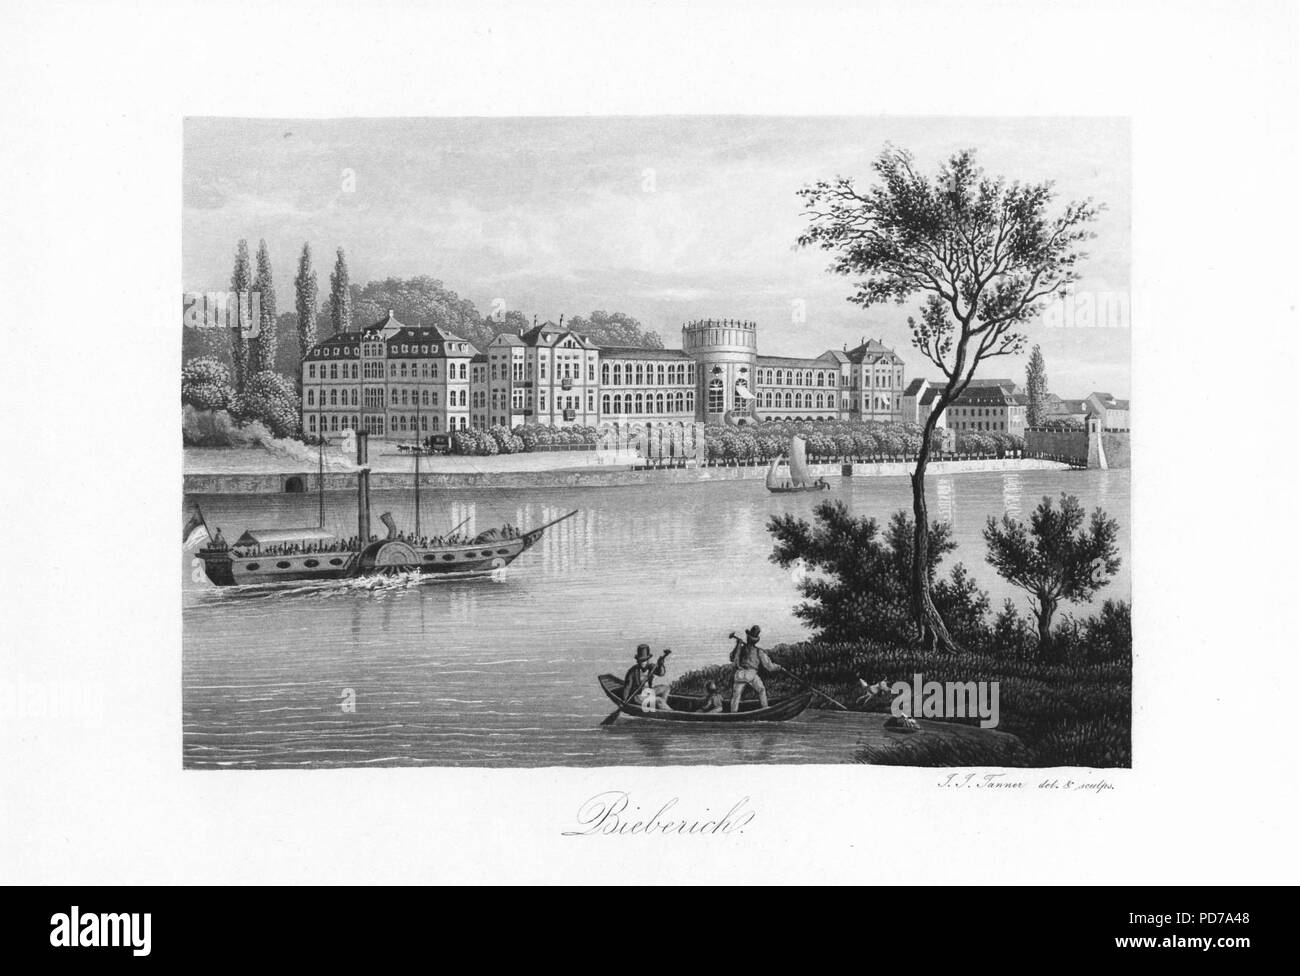 Andenken an den Rhein (1840) 004. - Stock Image